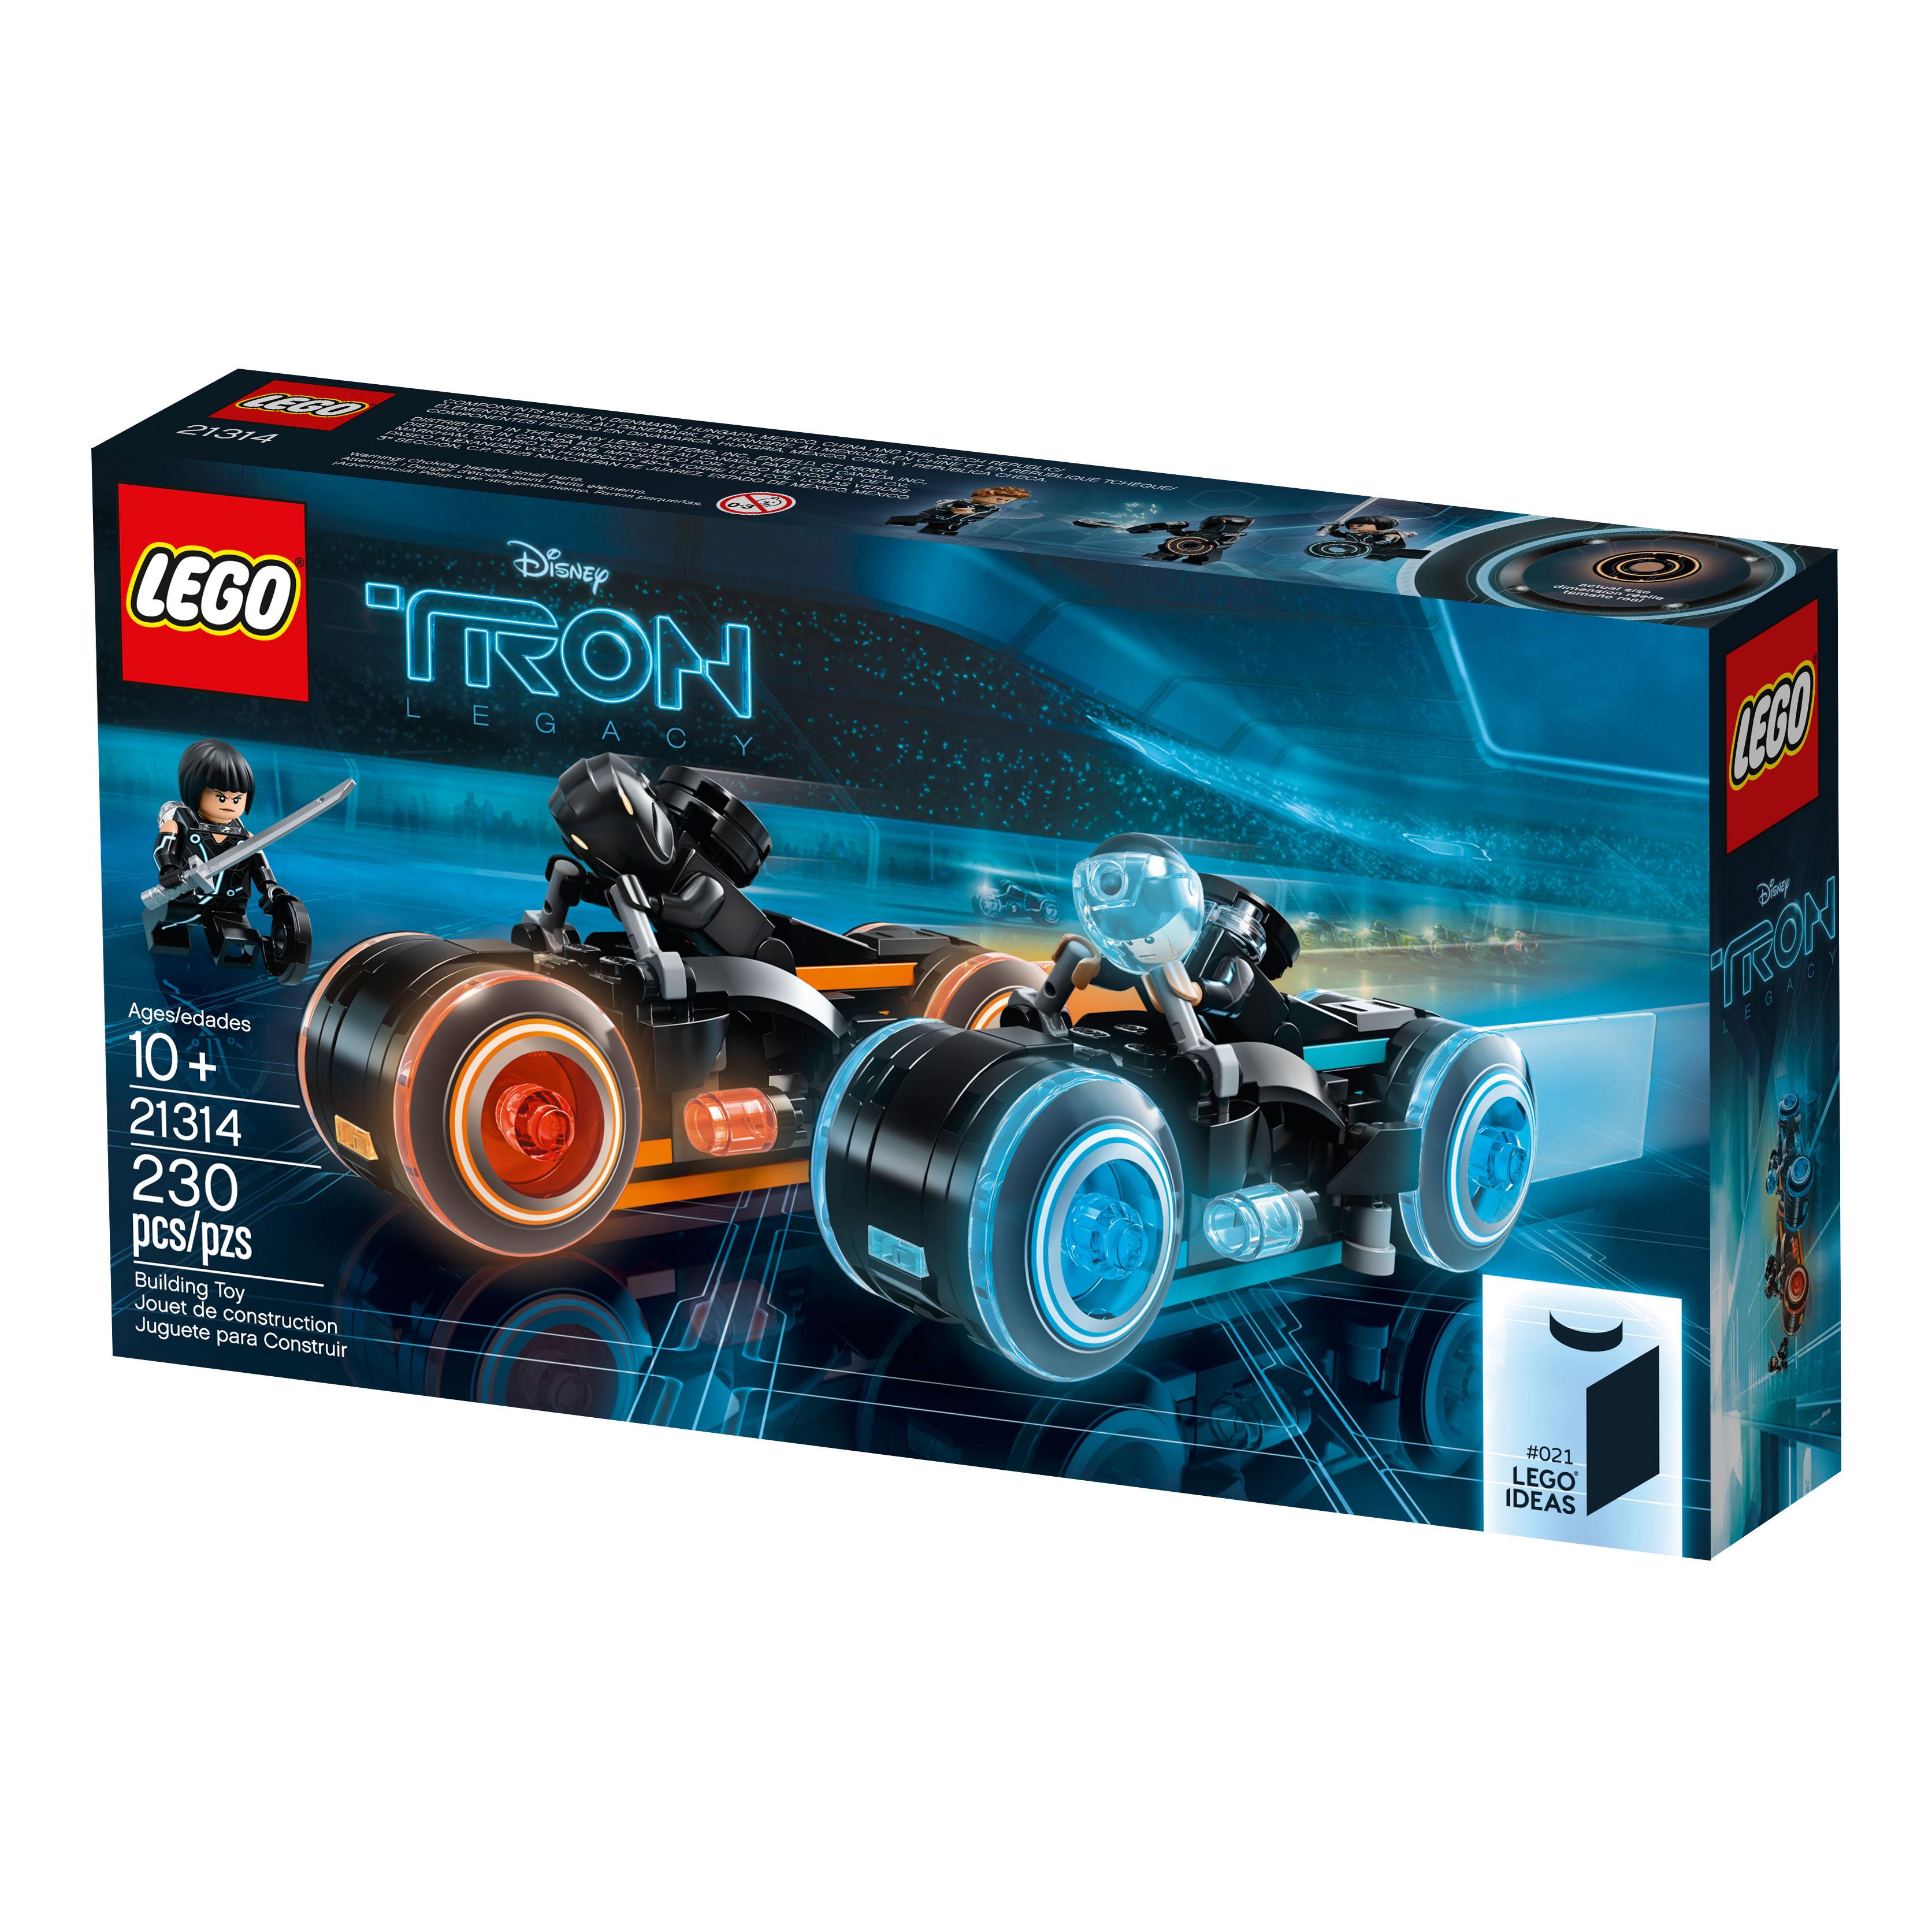 lego_ideas_tron_legacy_21314_-2.jpg